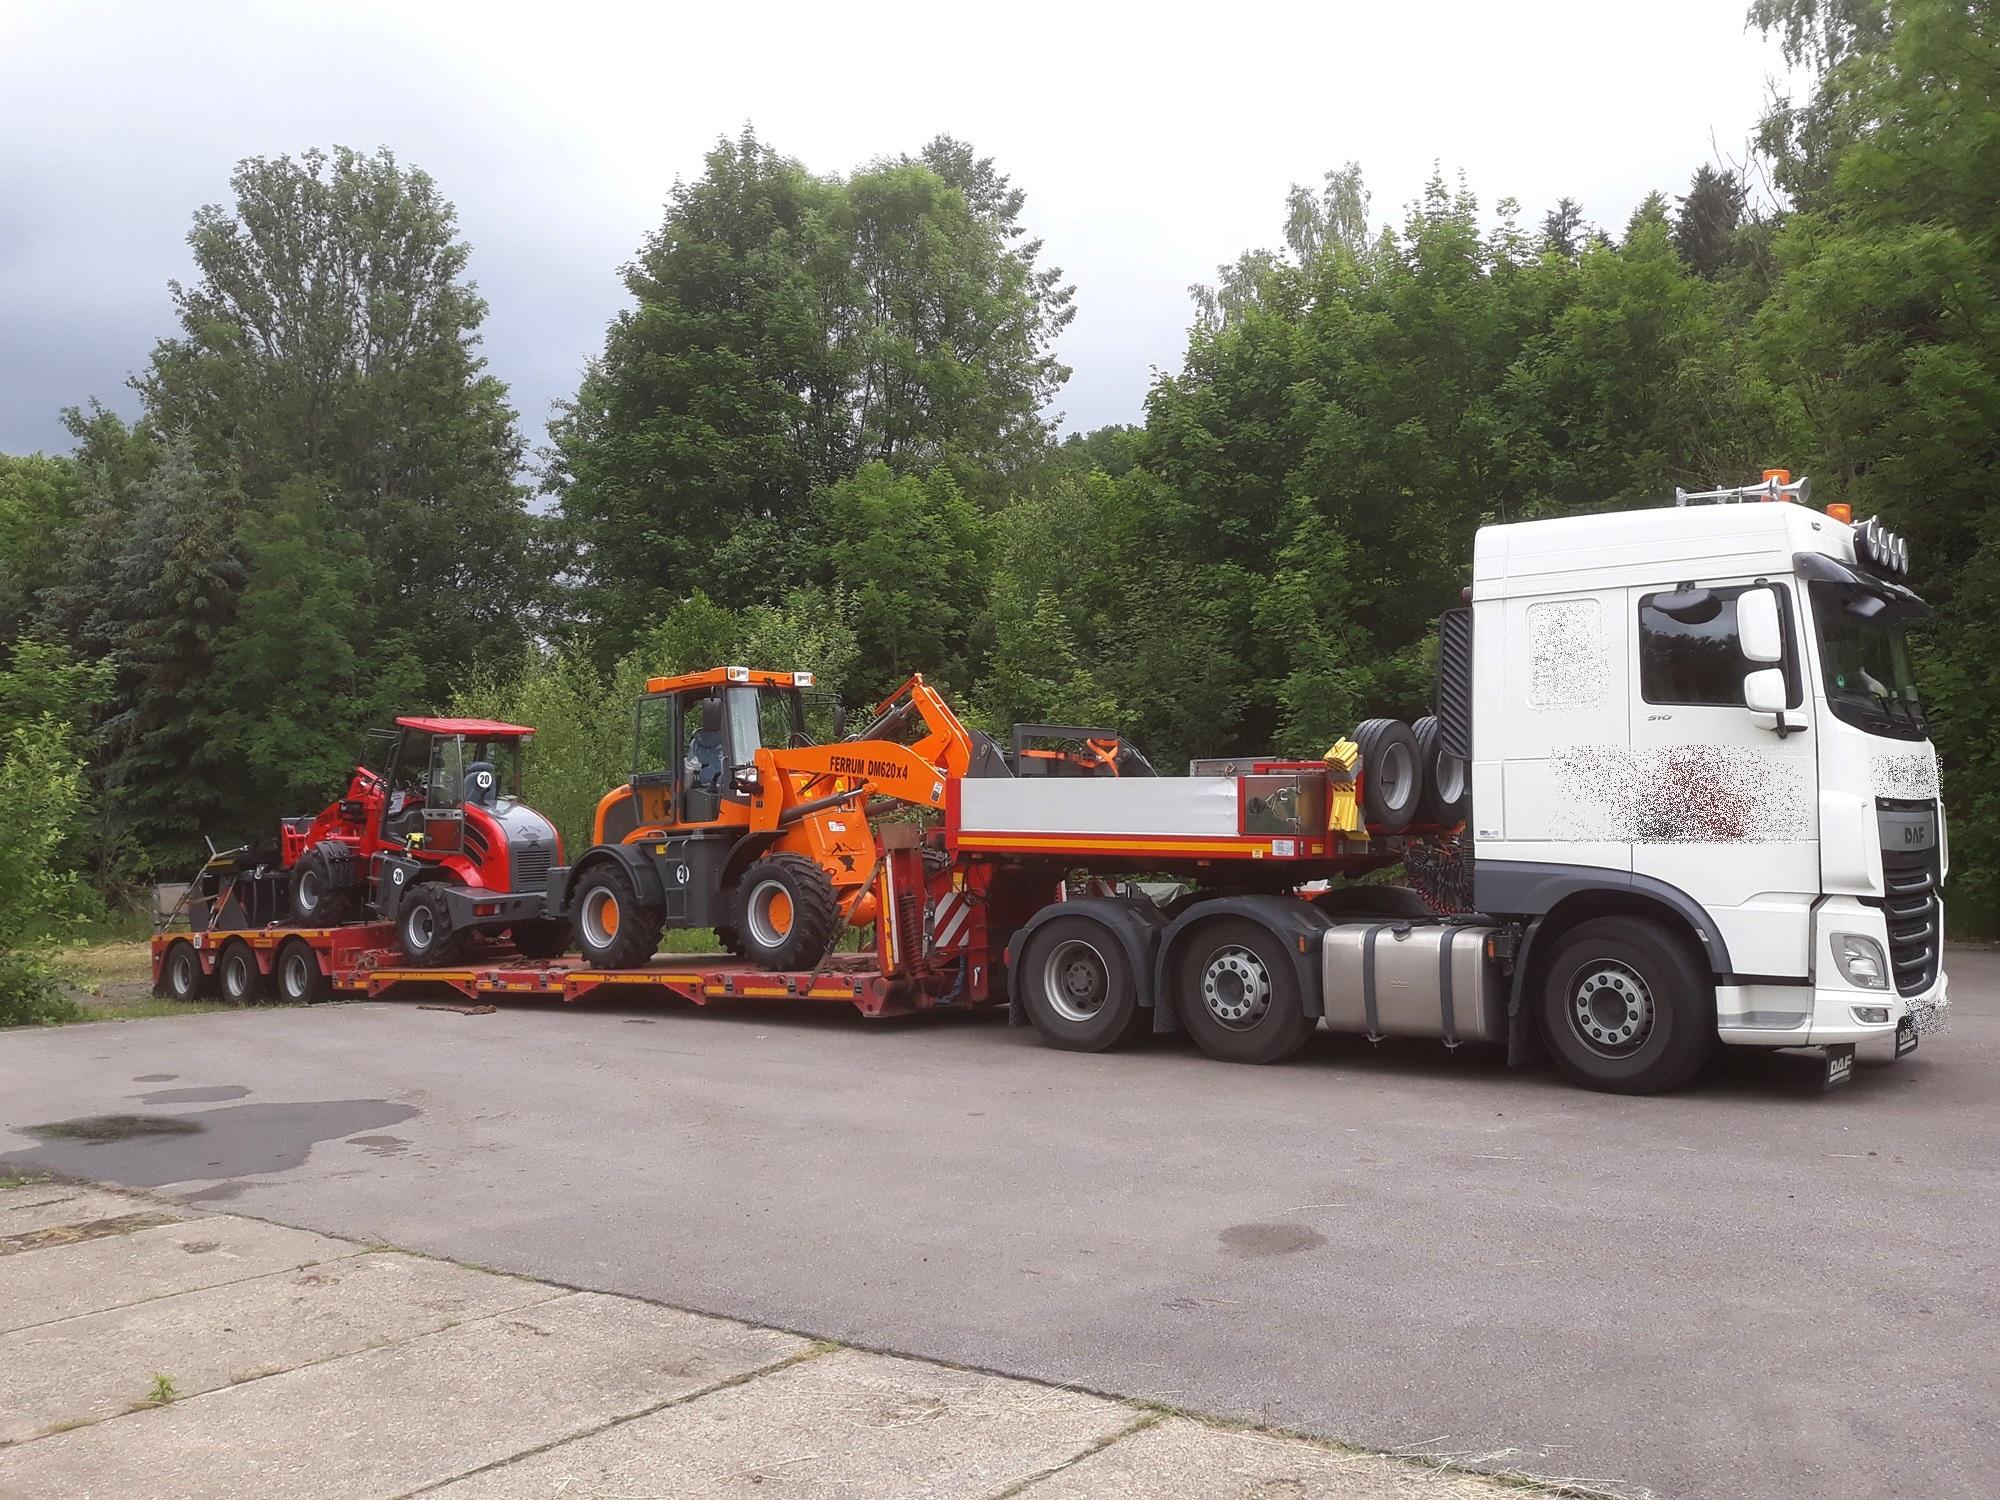 Radlader FERRUM DM312 x4 in rot und FERRUM DM625 x4 in Orange